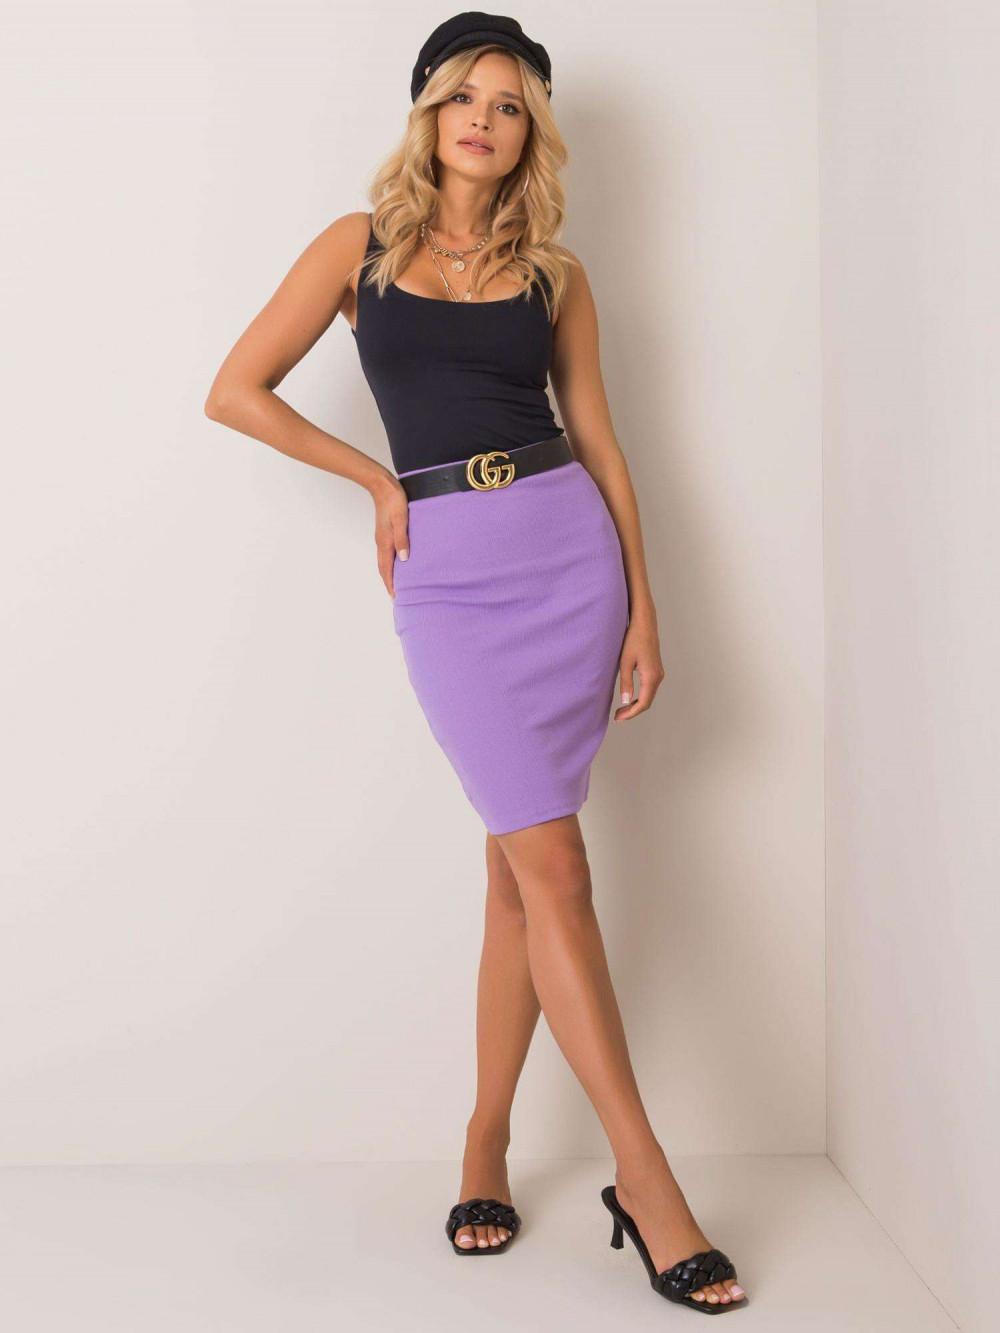 Fioletowa ołówkowa spódnica damska Bonnie 1